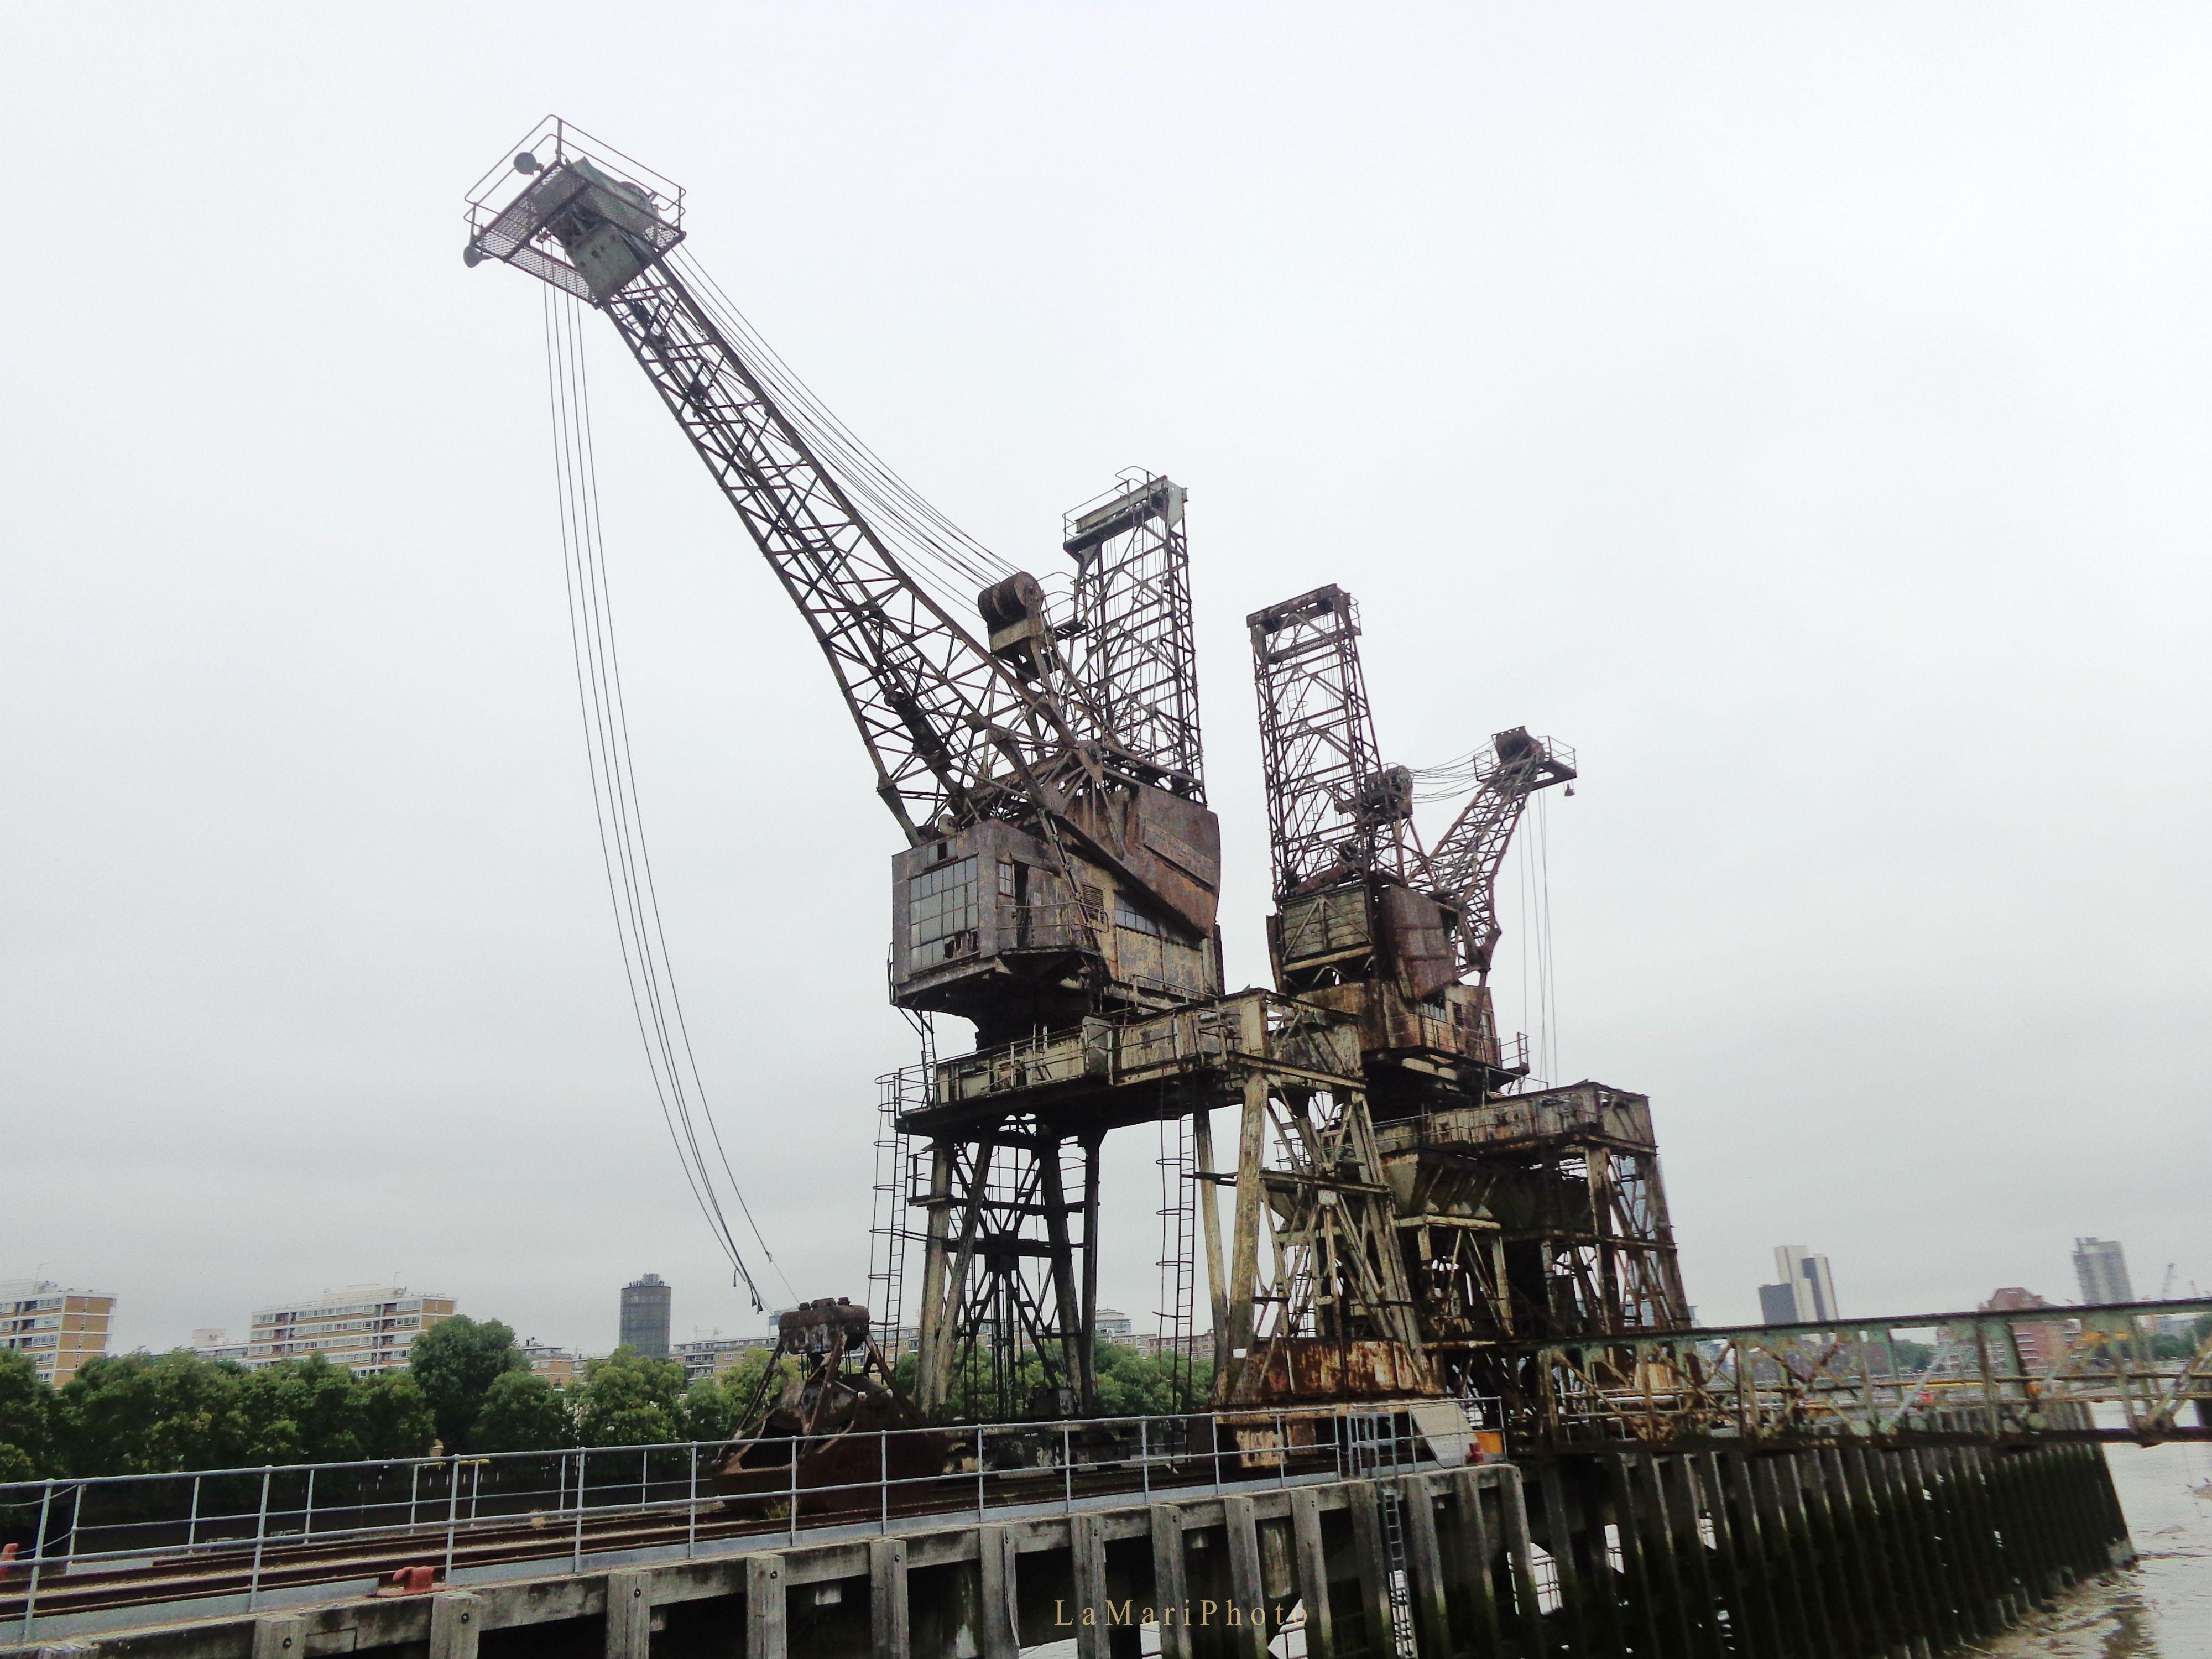 Le gru che scaricavano il carbone dalle navi e che serviva per far funzionare la centrale